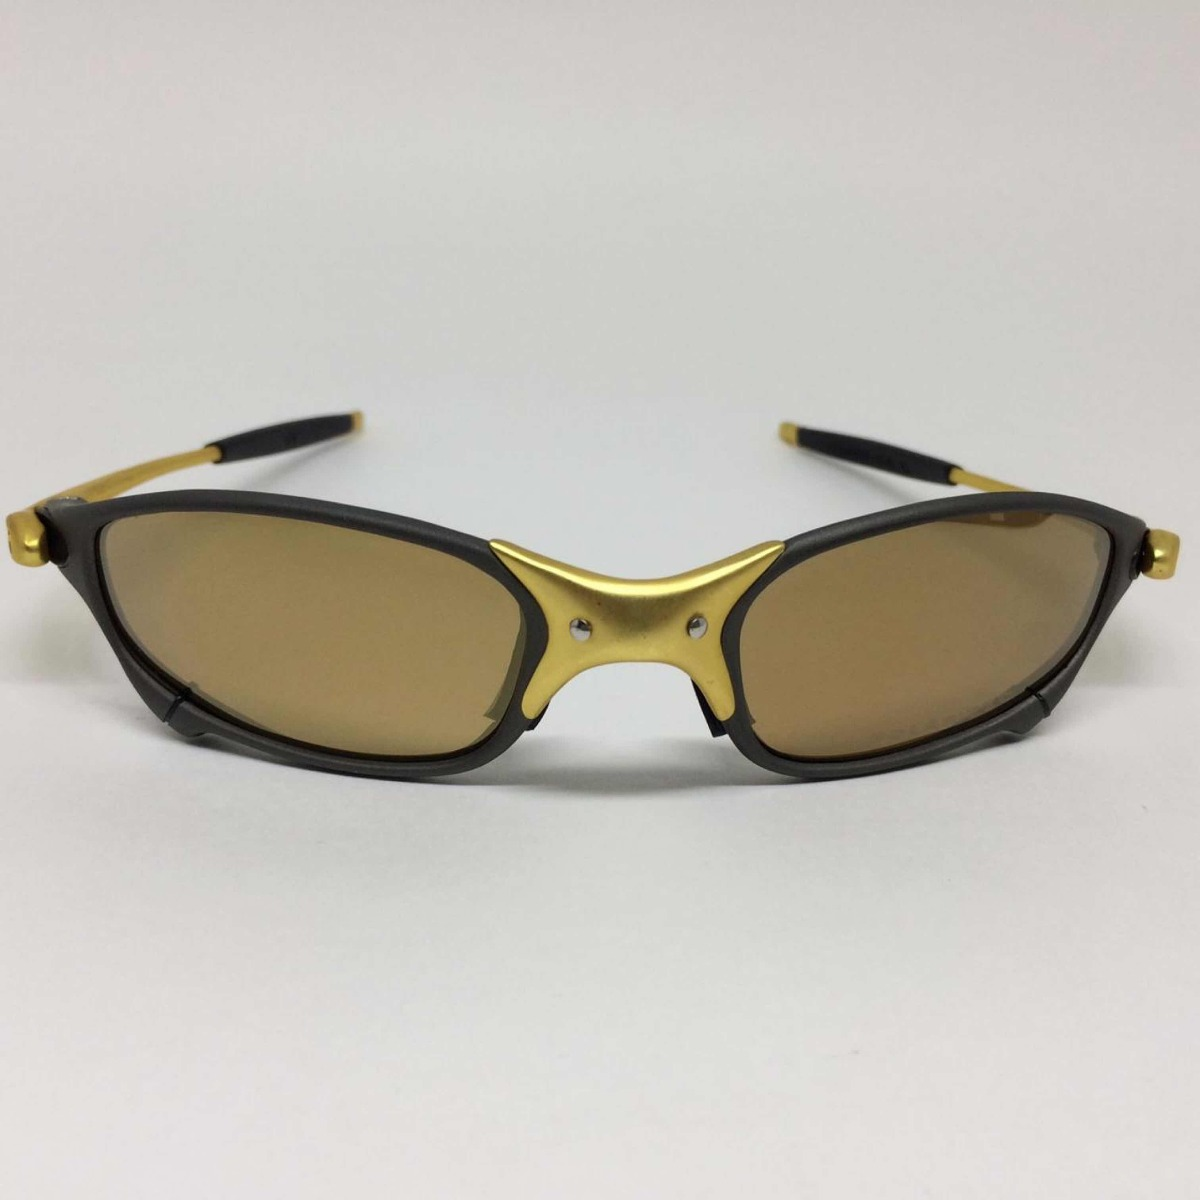 4a3a70b1d59d8 Oculos oakley juliet doublex xmetal lente dourada jpg 1200x1200 Juliet  oculos ilustrado